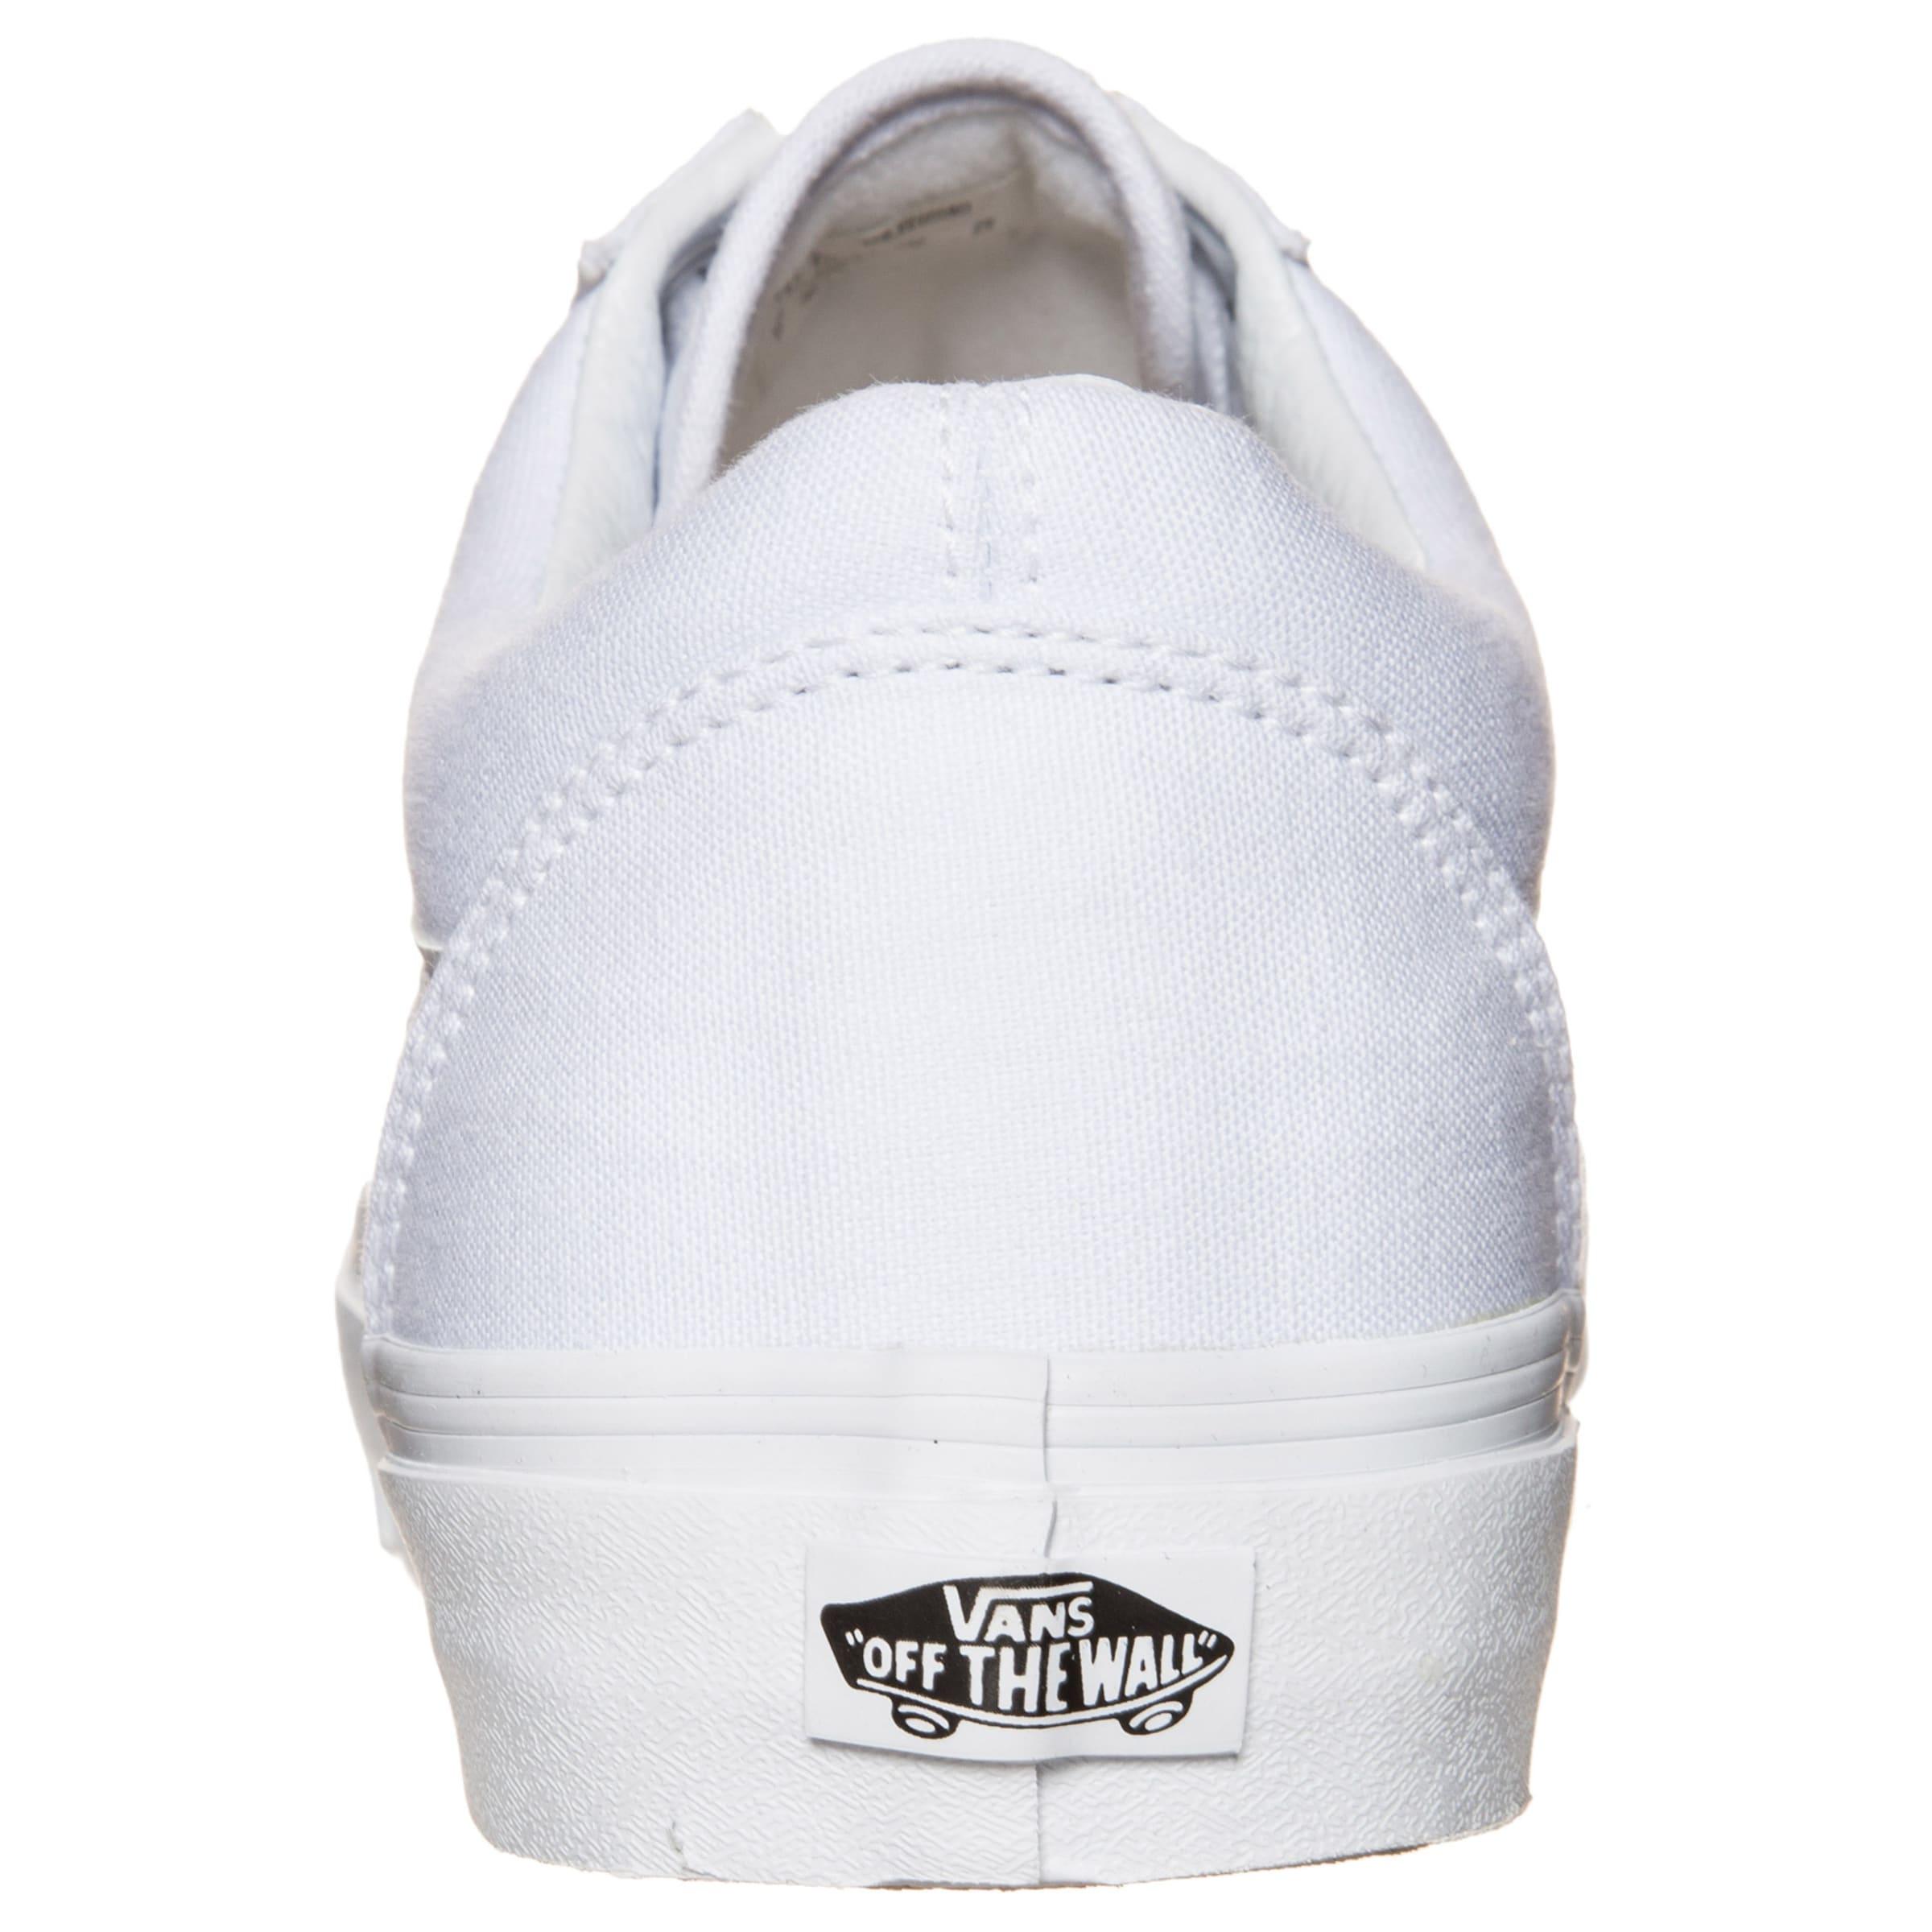 Unter 50 Dollar Kauf VANS Sneaker Old Skool Niedriger Versand n7AzS